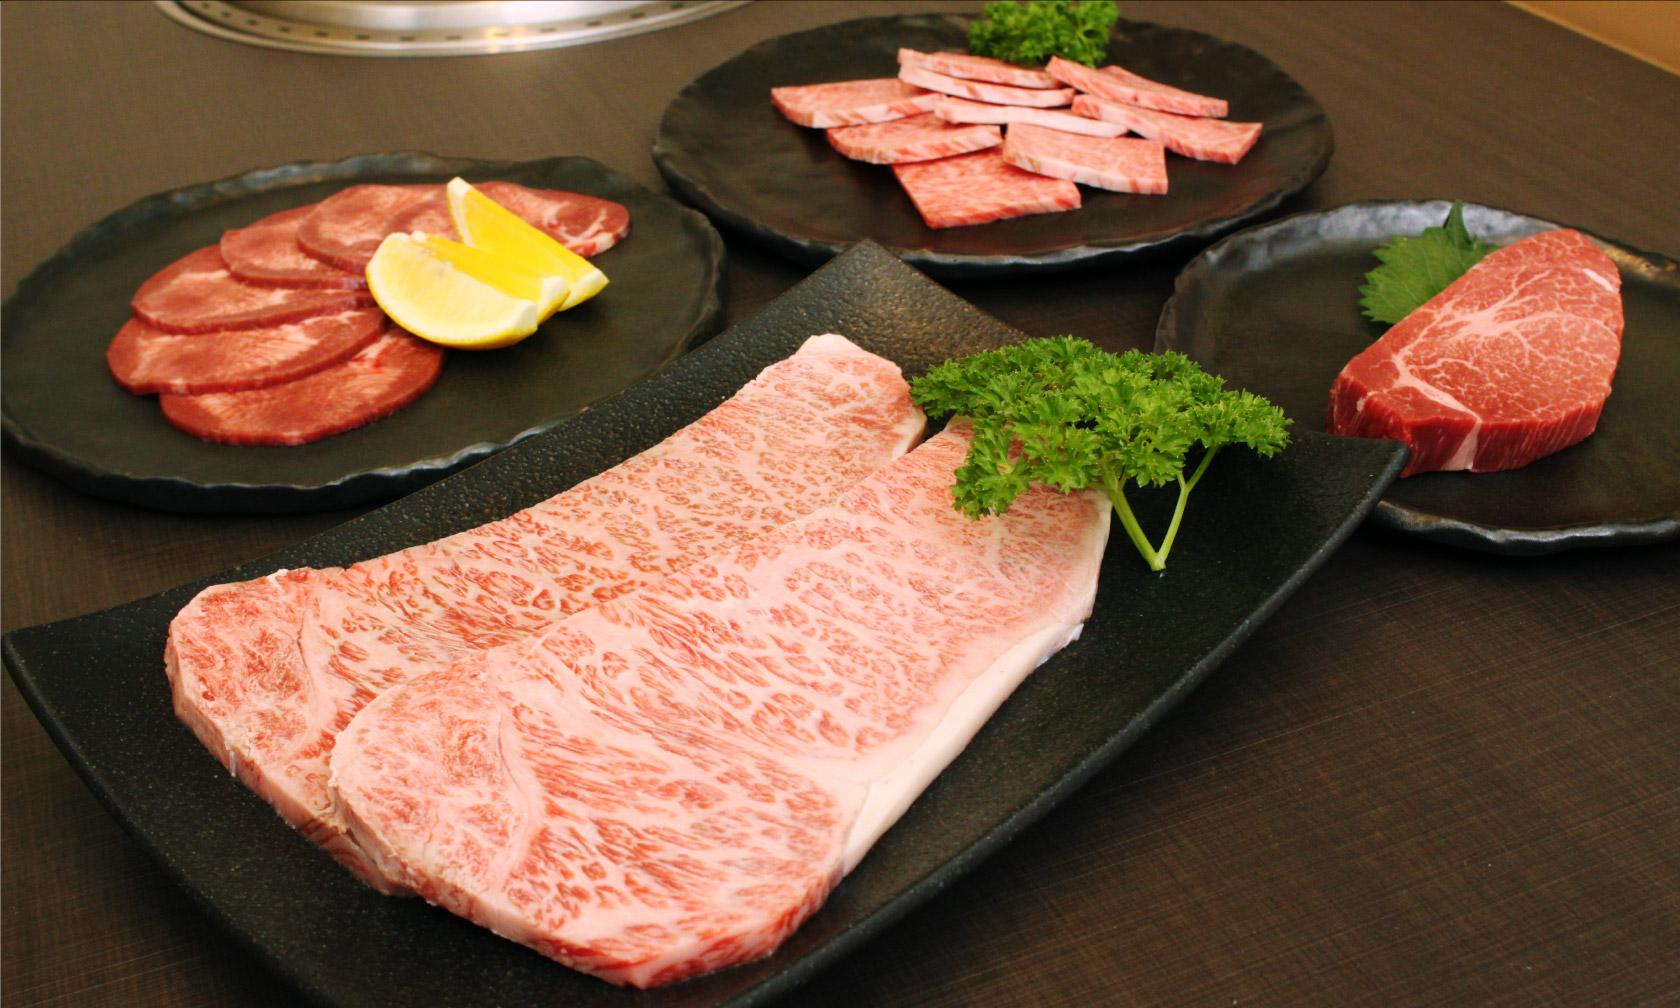 お肉料理 佐渡屋の料理写真